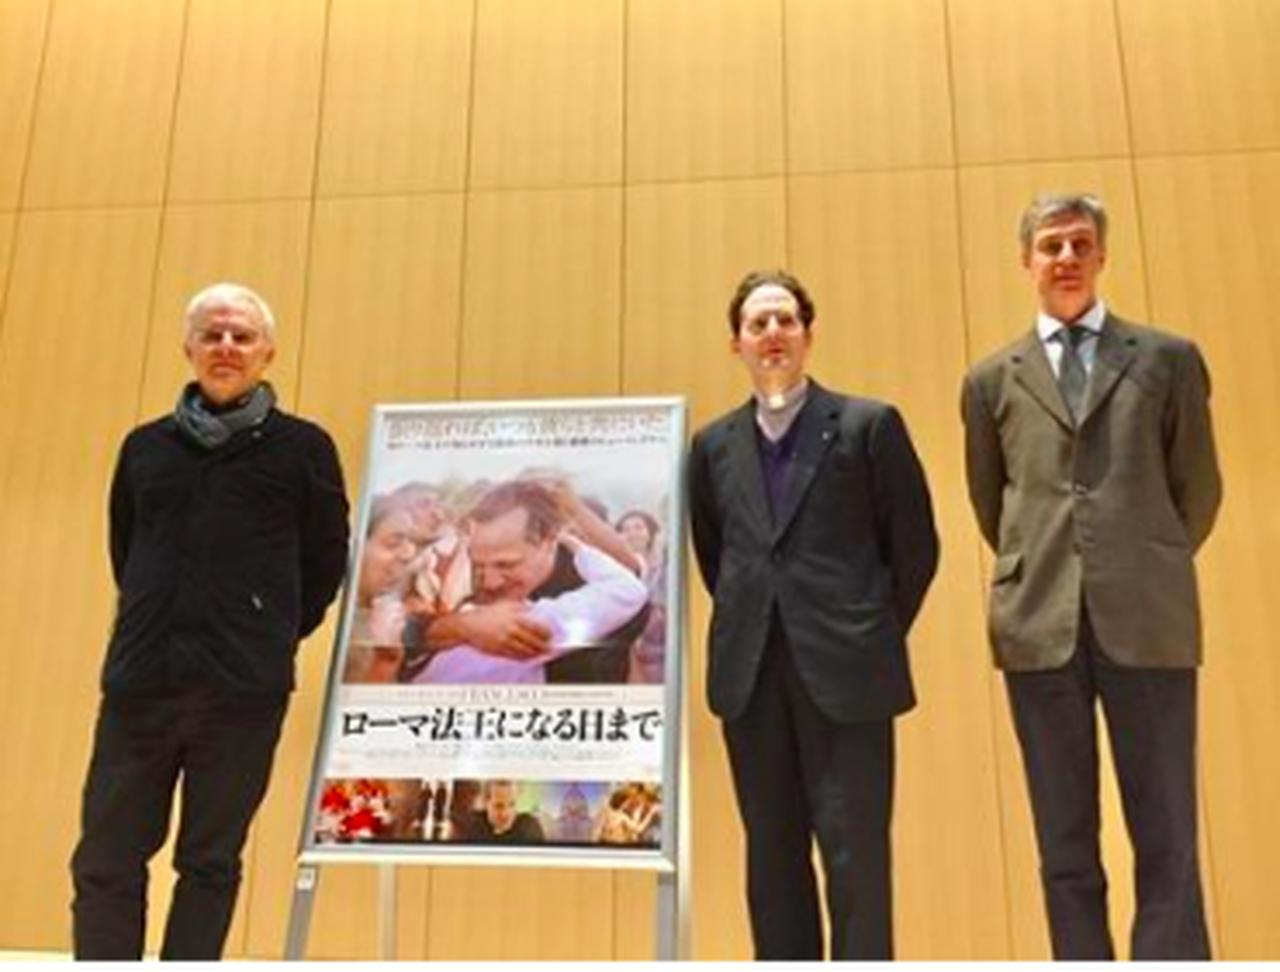 画像: ポスター左がダニエーレ・ルケッティ監督、ポスター右よりレンゾ・デ・ルカ神父、ホアン・アイダル神父